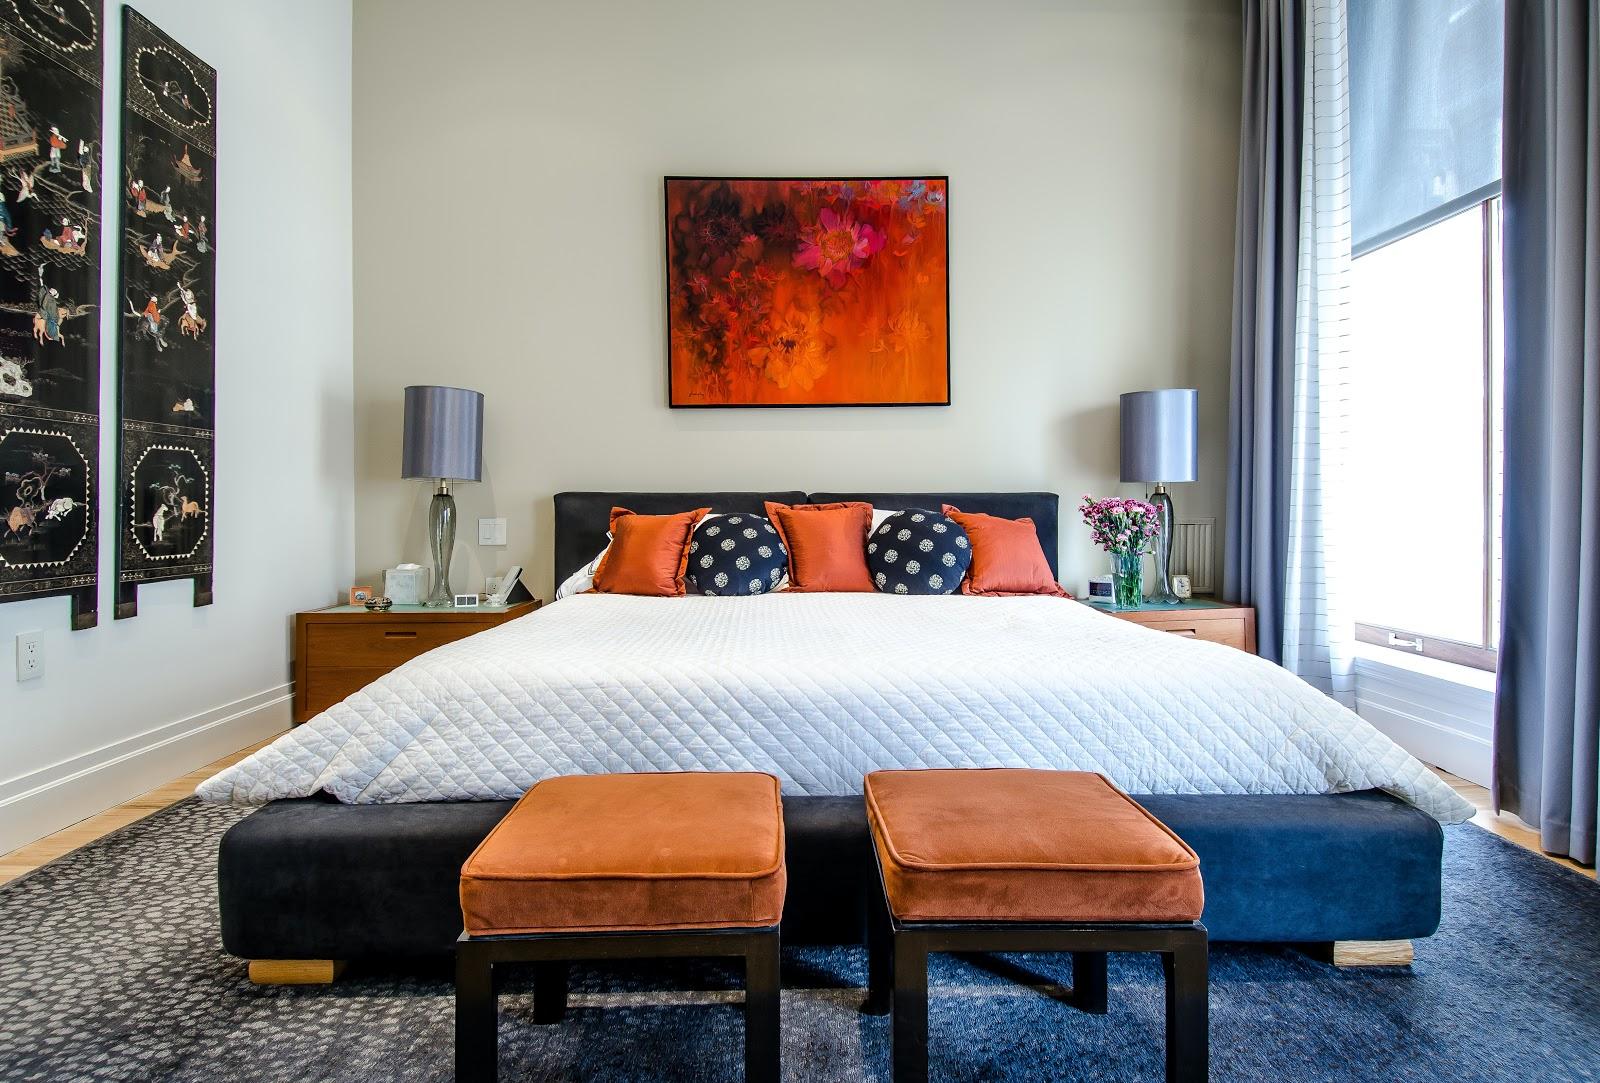 comment choisir les bonnes couleurs pour une chambre